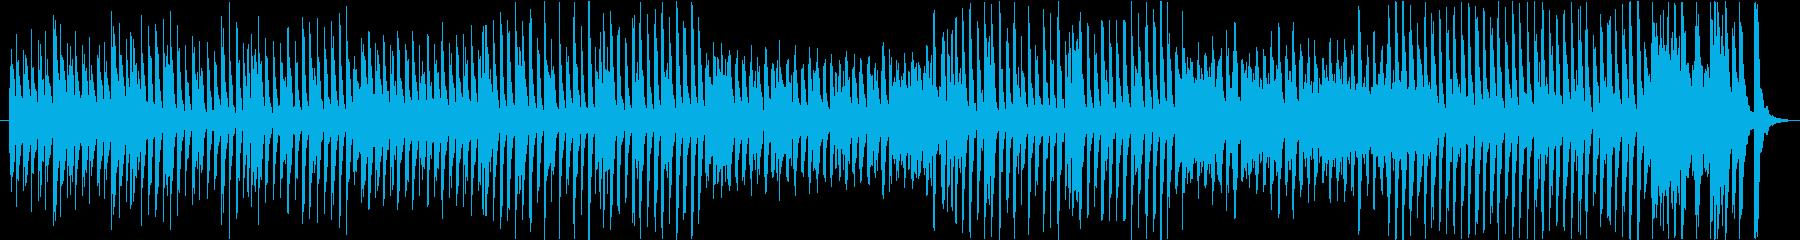 ユーモラスでちょっと怖い感じの曲の再生済みの波形